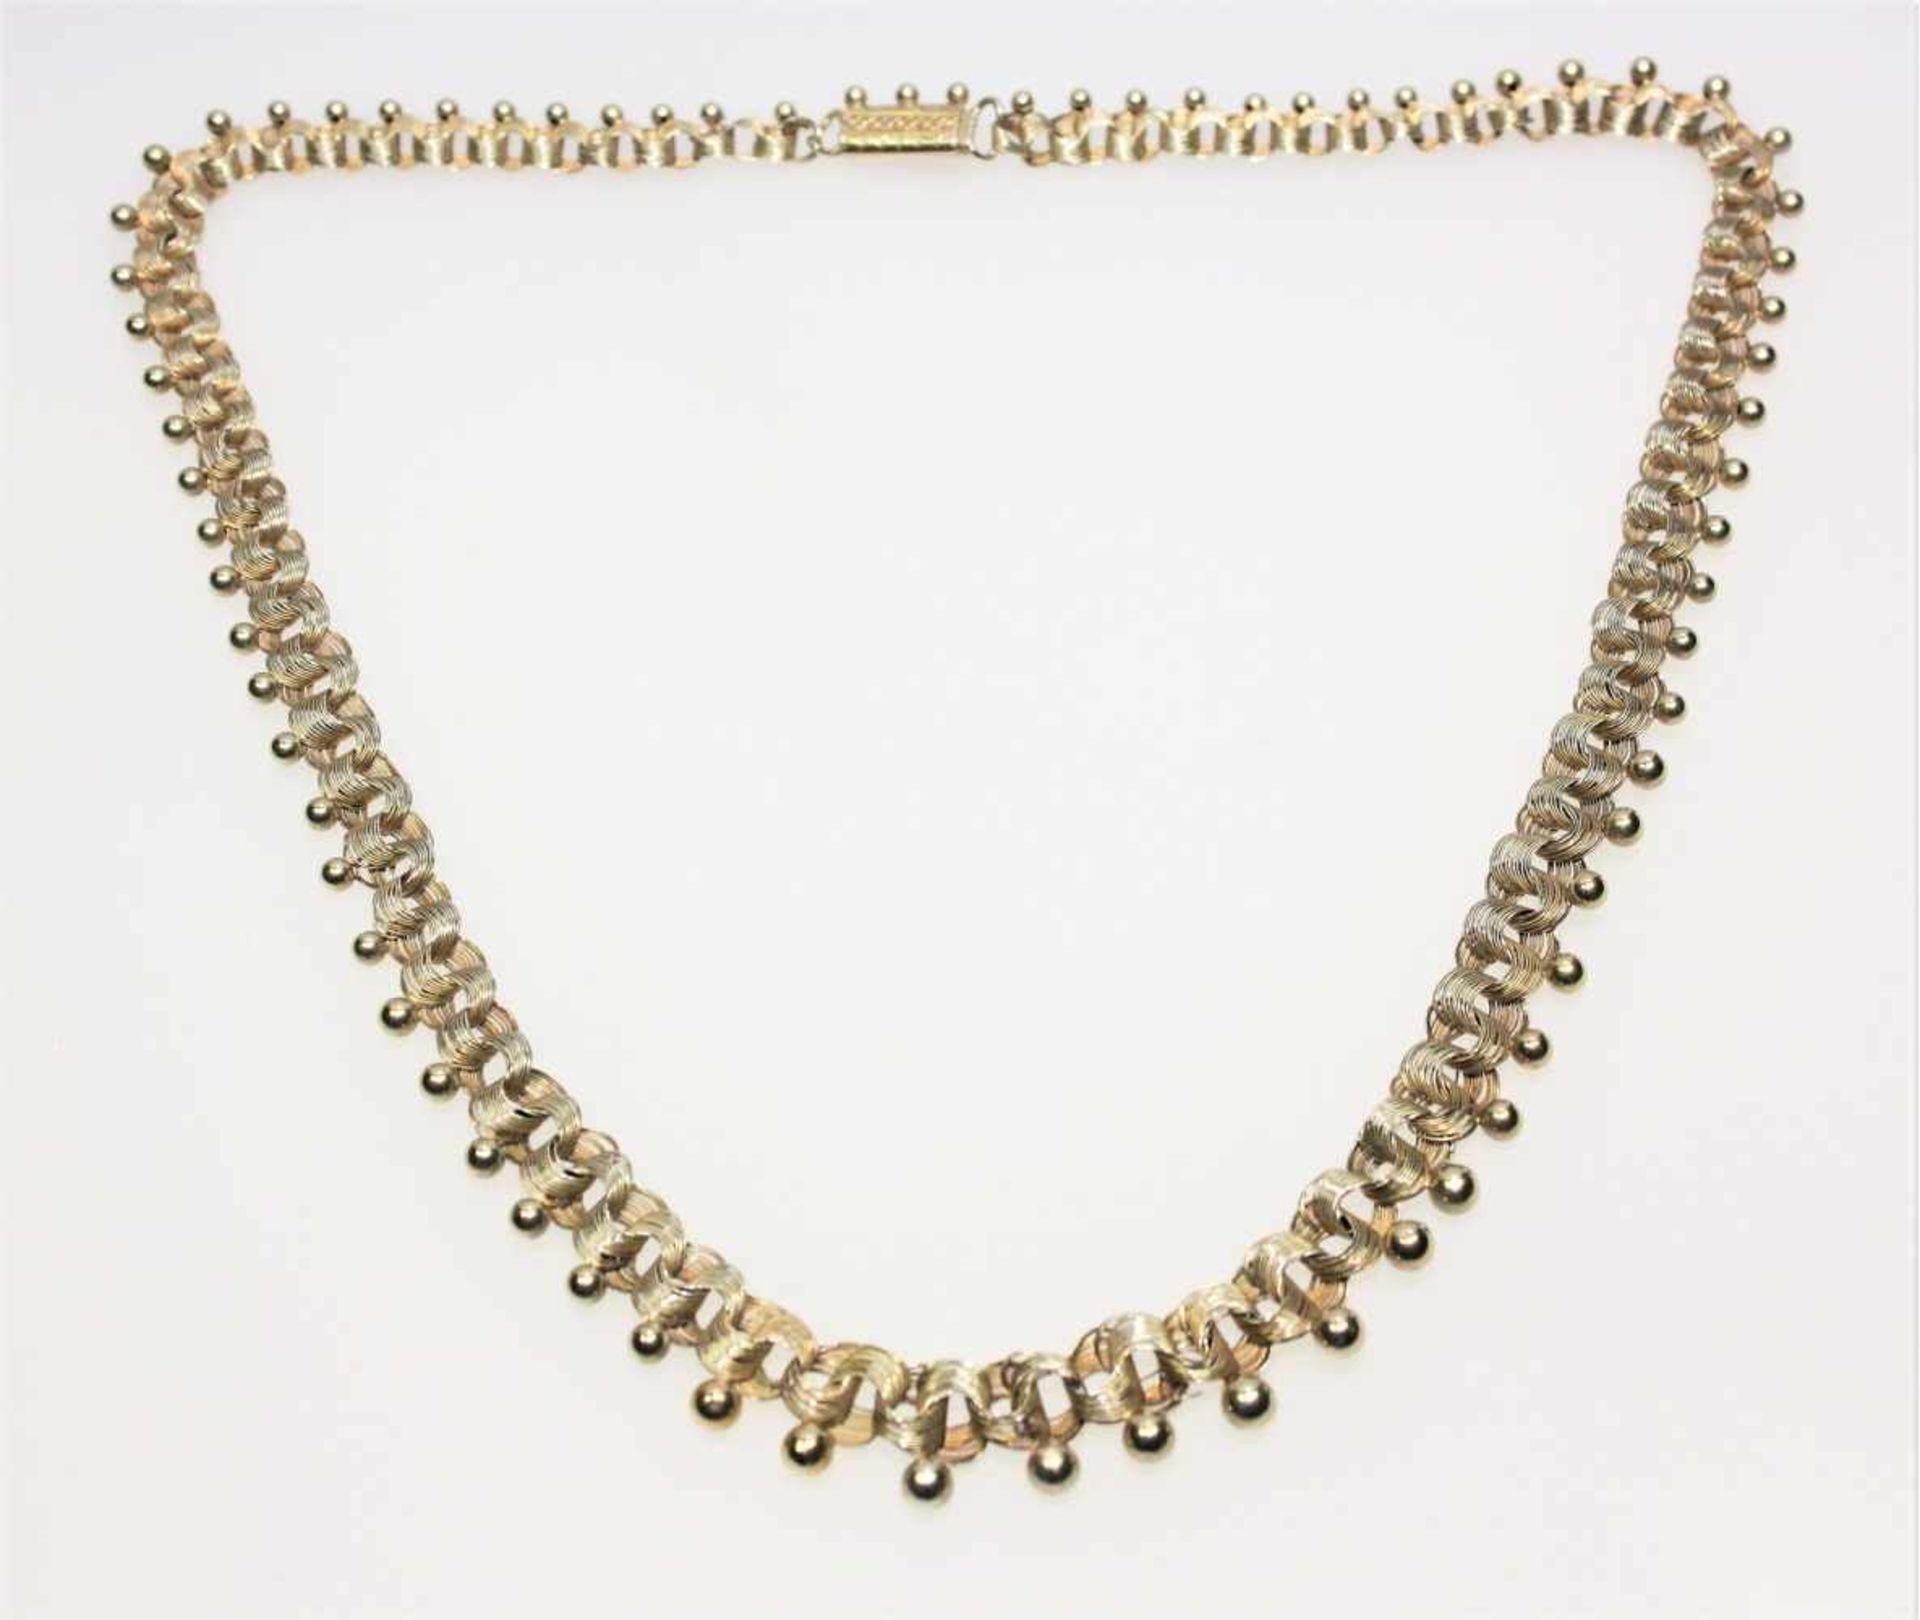 Los 9 - Goldenes Collier in leichtem Verlauf 585/f gest., verschlungene Glieder aus mehreren Golddrähten und